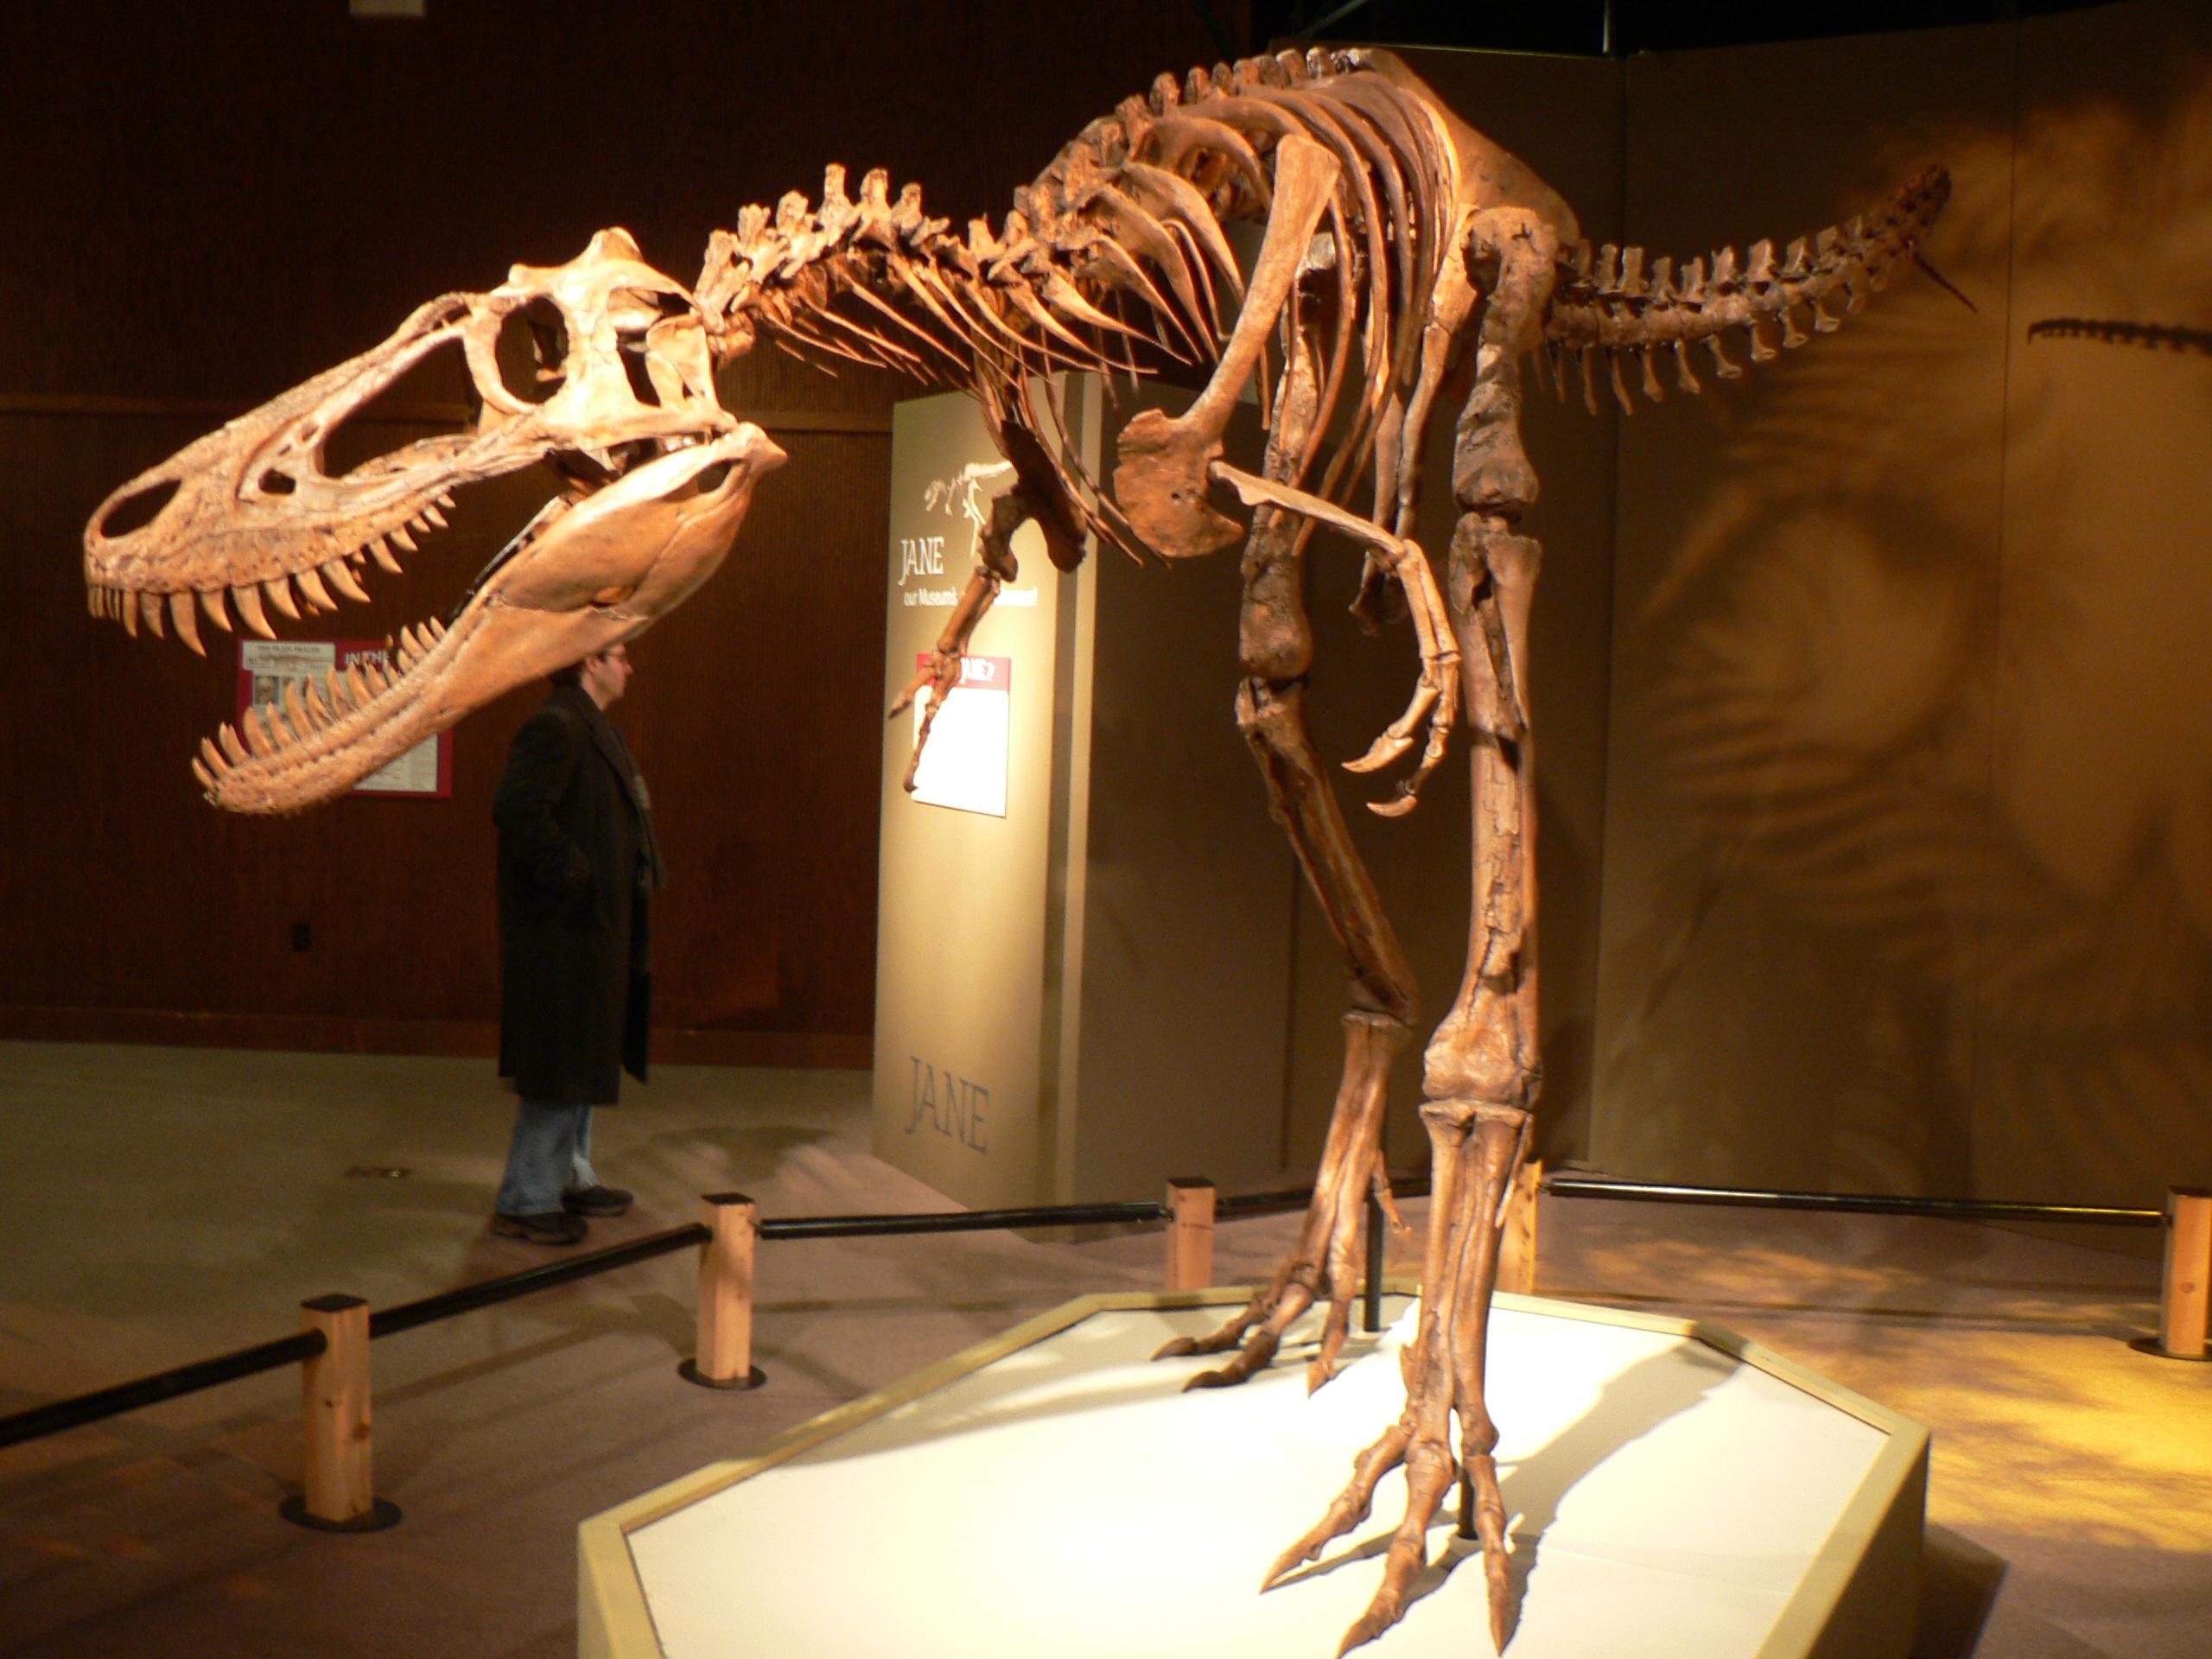 https://upload.wikimedia.org/wikipedia/commons/2/26/Jane_Tyrannosaurus.jpg